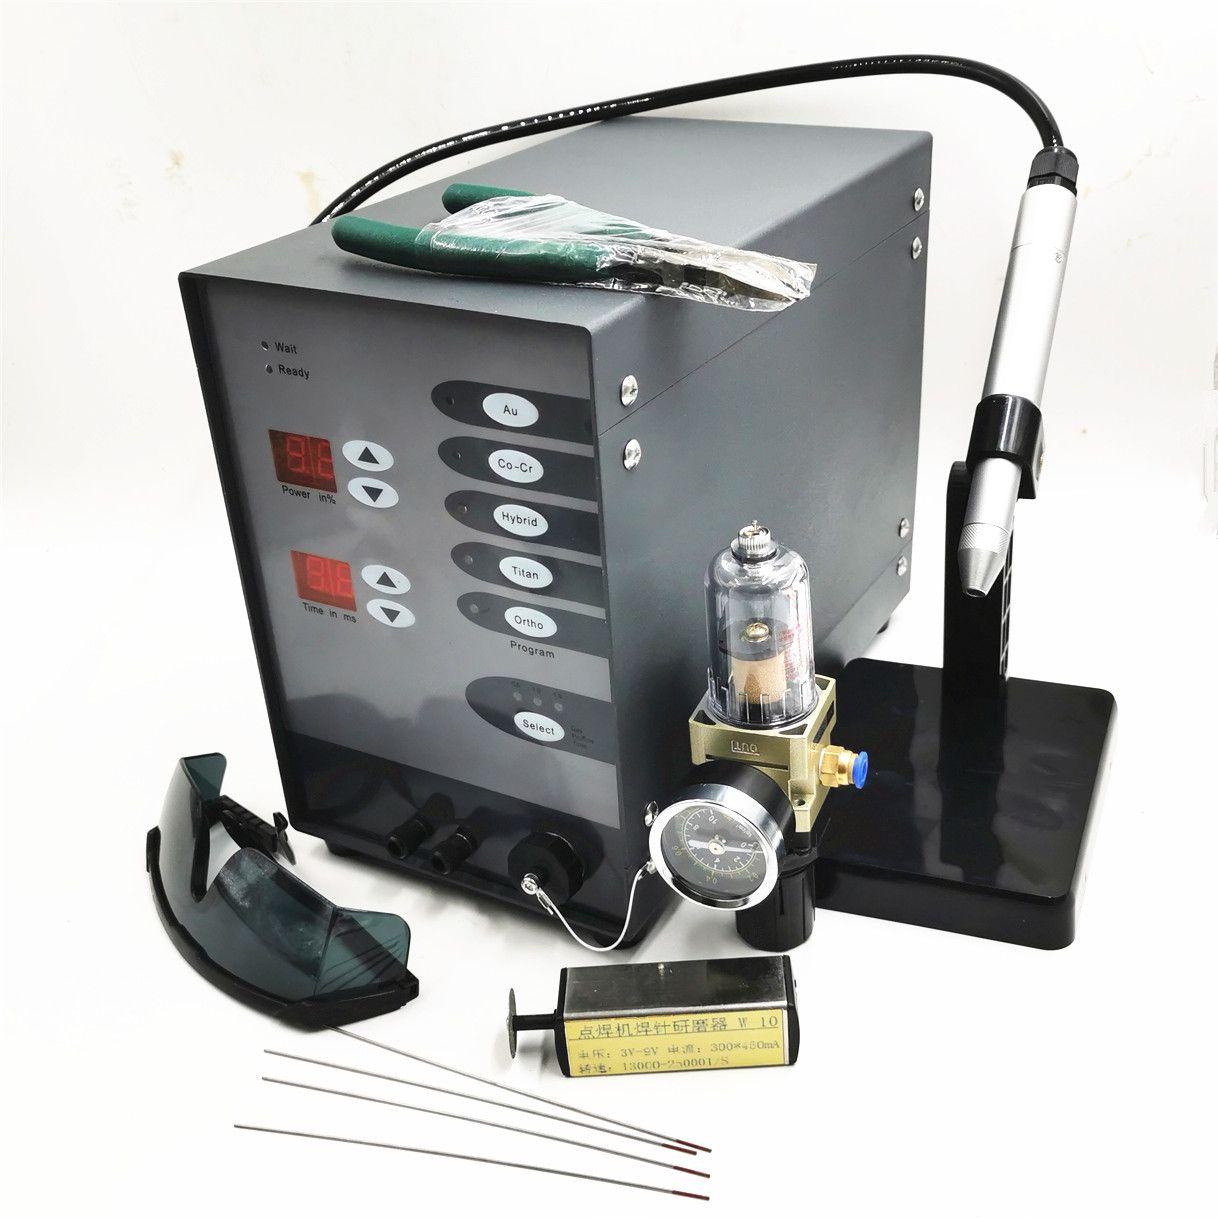 Edelstahl Spot Laser Schweißen Maschine Automatische Numerical Control Pulse Argon Arc Schweißer Spot Schweißer für Löten Schmuck